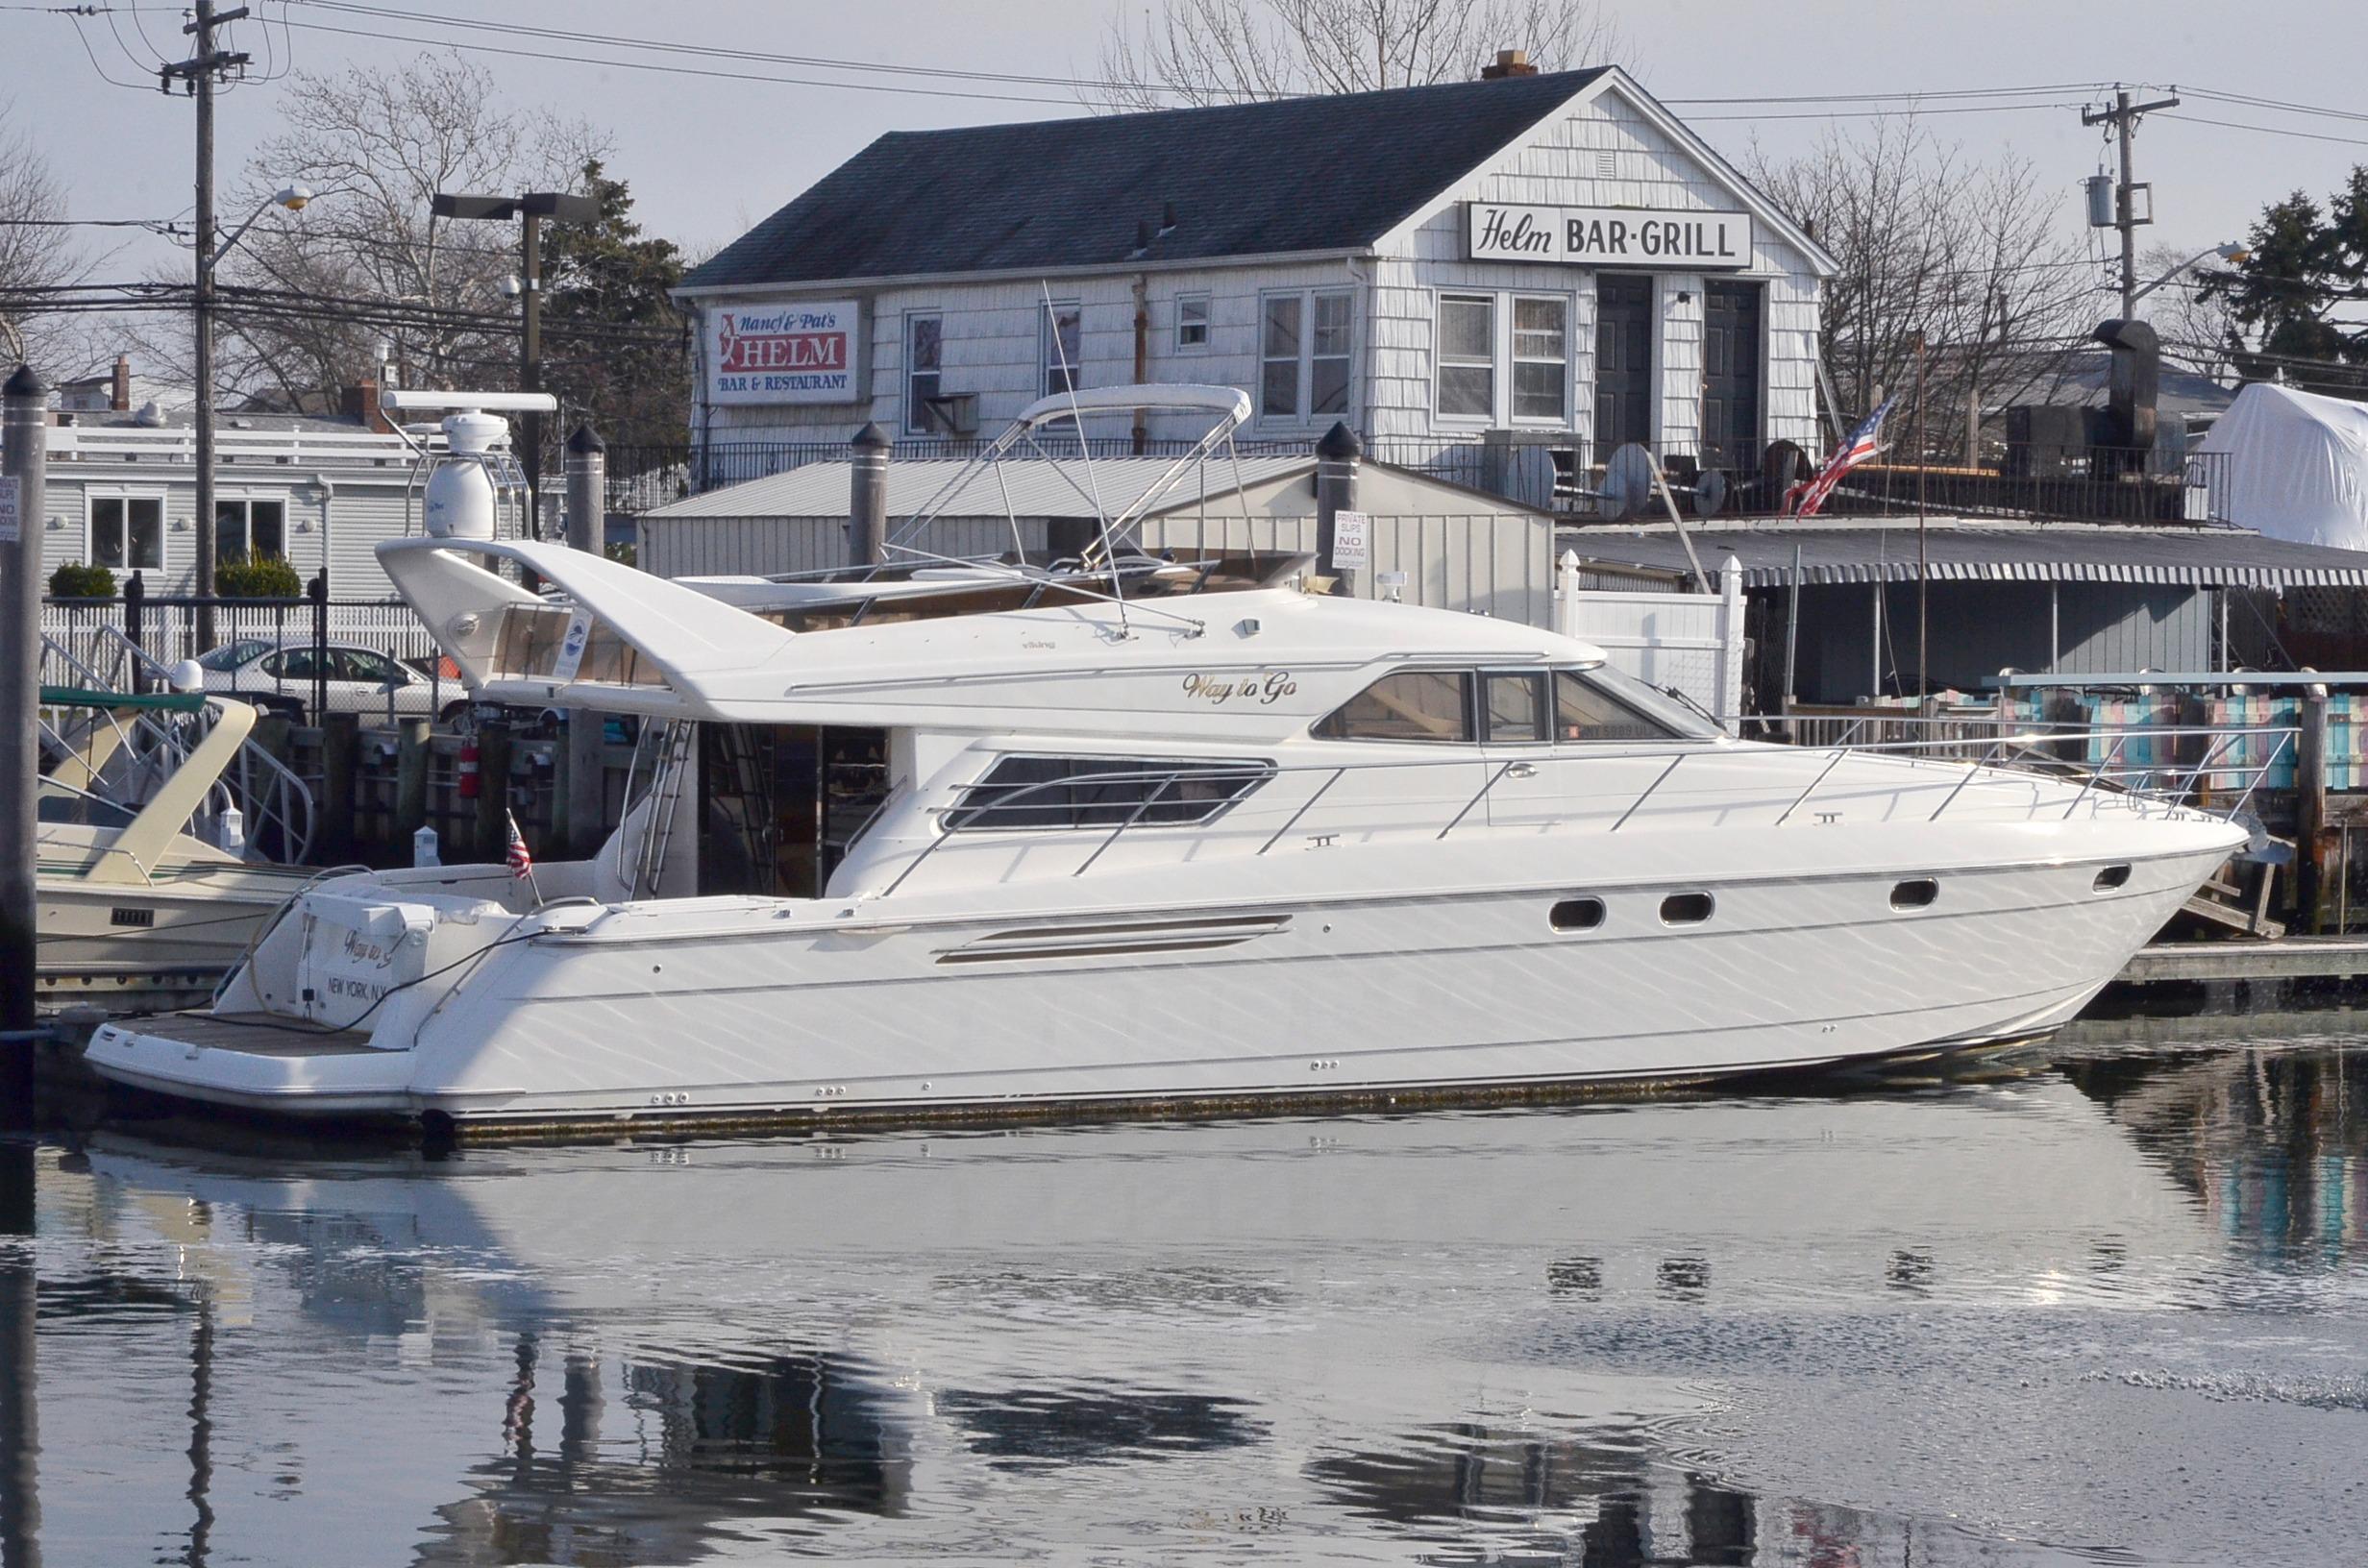 1999 princess viking sport cruiser 60 flybridge for sale for 60 viking motor yacht for sale